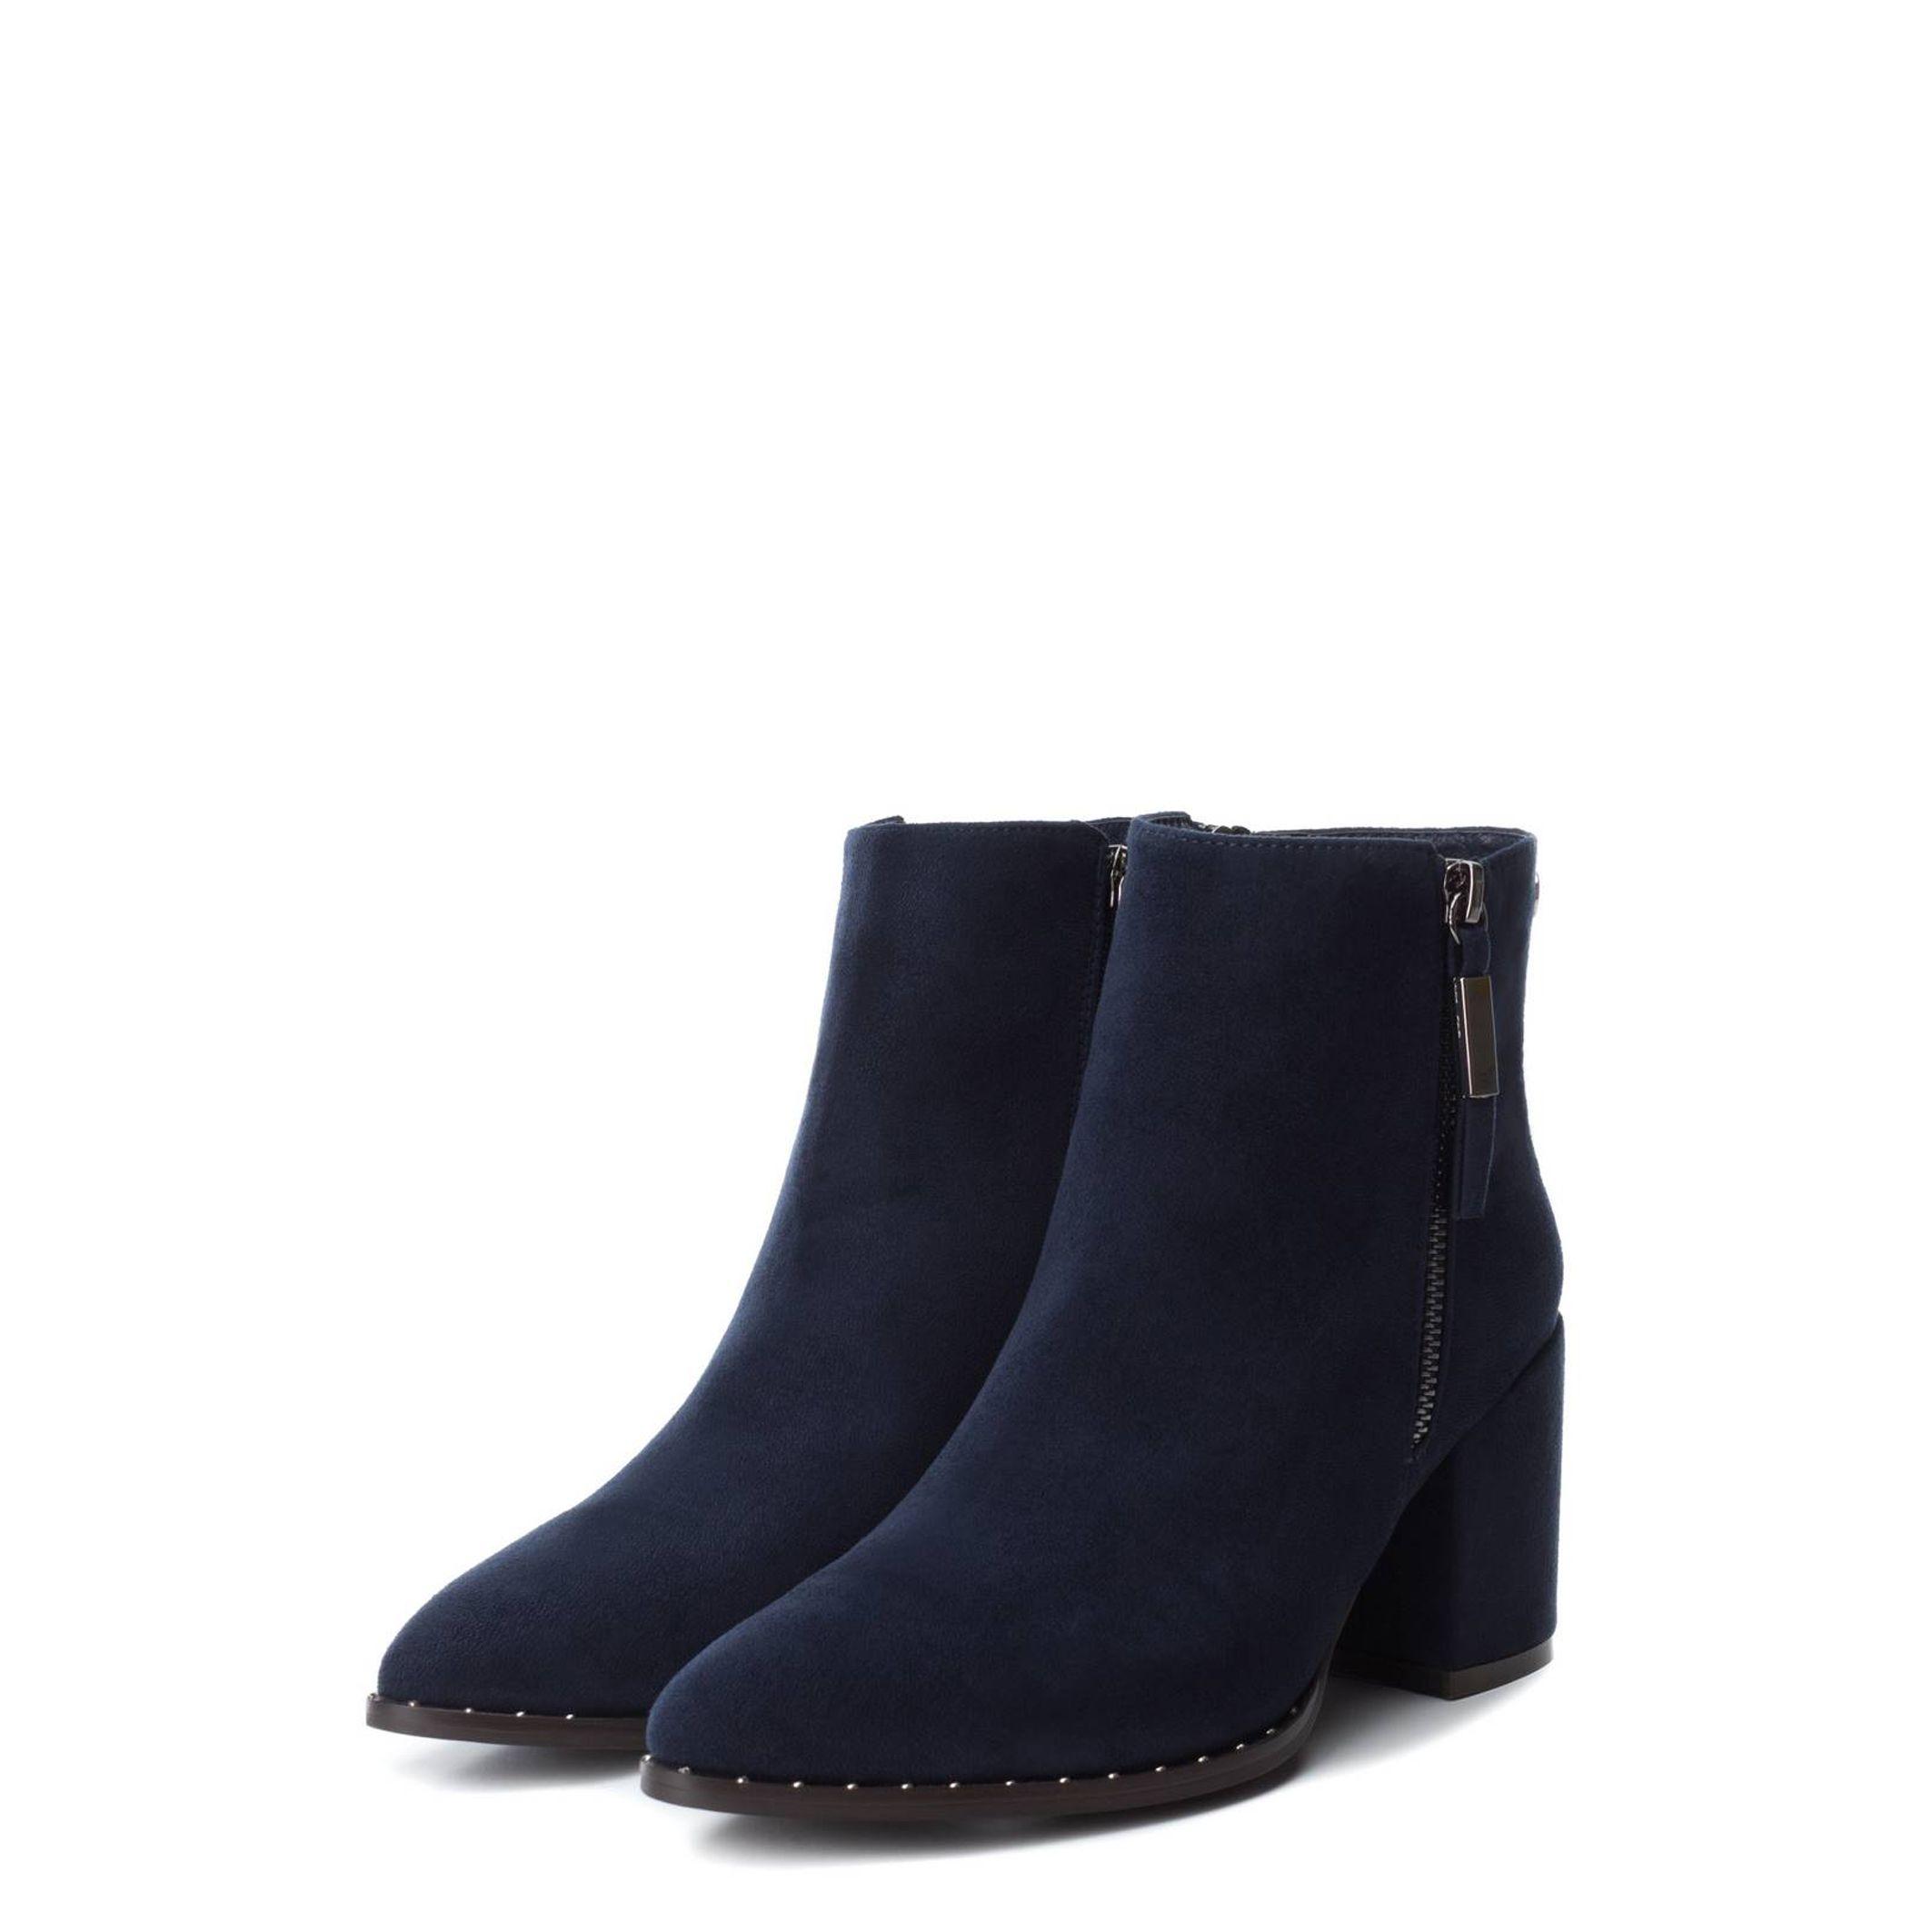 Schuhe Xti – 30969 – Blau